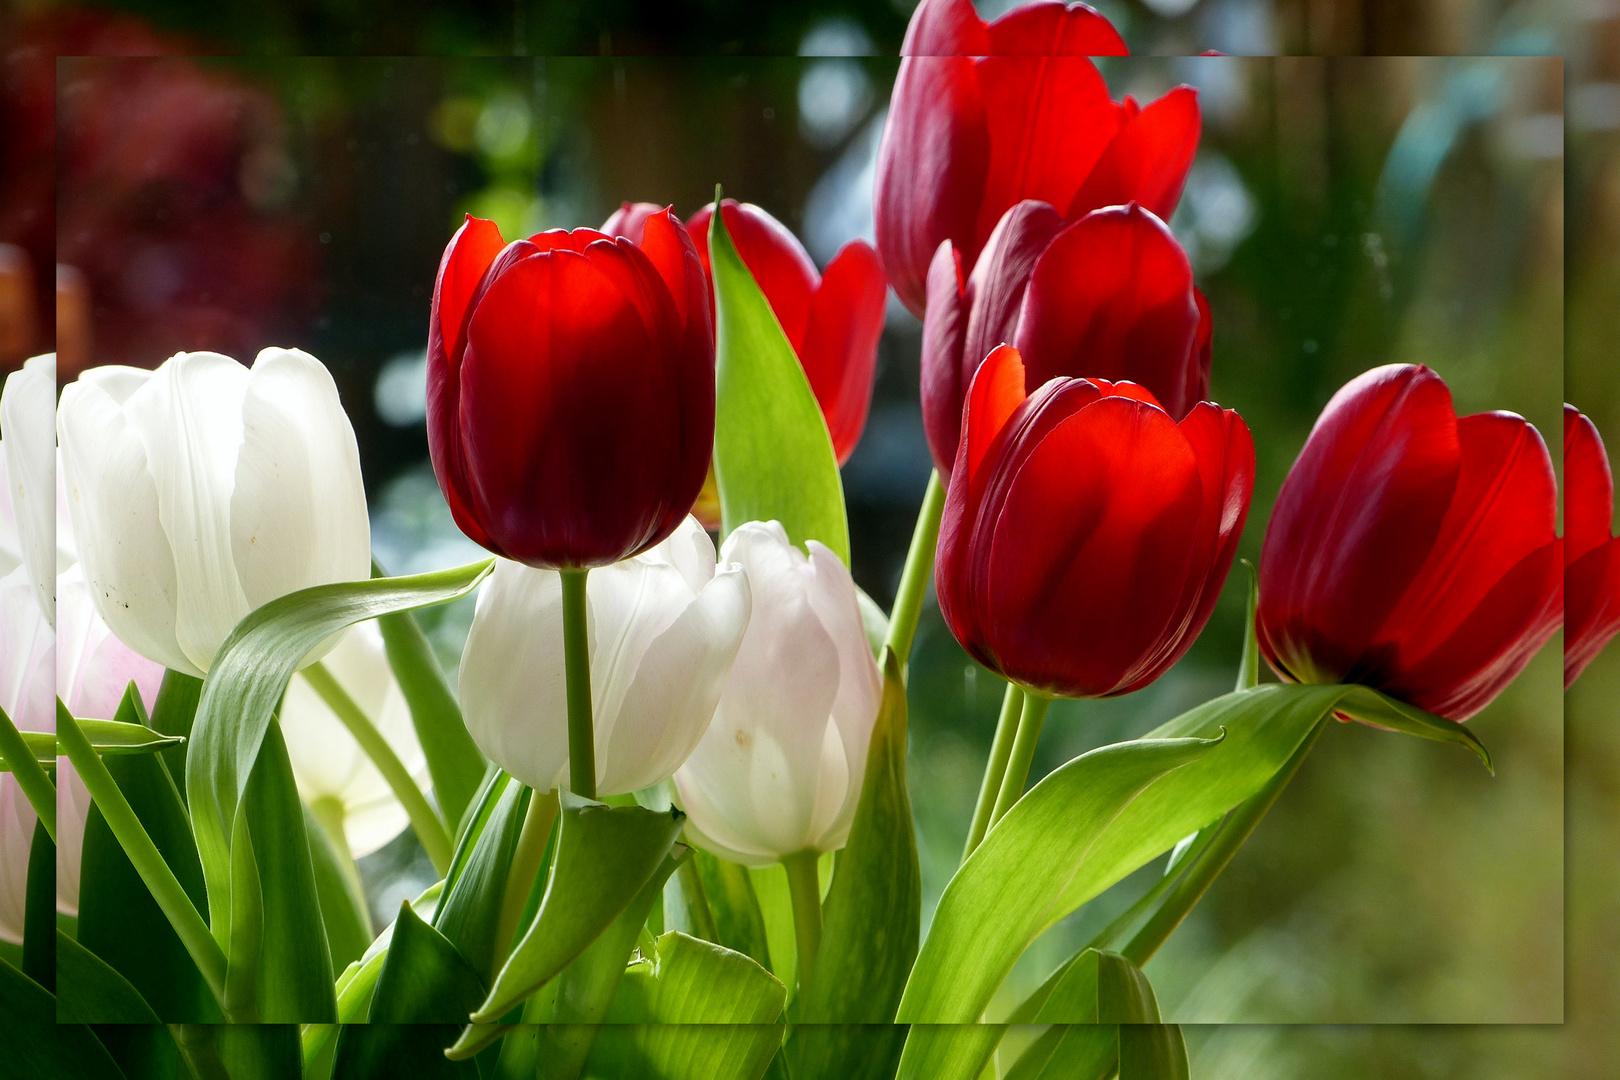 die tulpe foto bild pflanzen pilze flechten bl ten kleinpflanzen pflanzen bilder auf. Black Bedroom Furniture Sets. Home Design Ideas